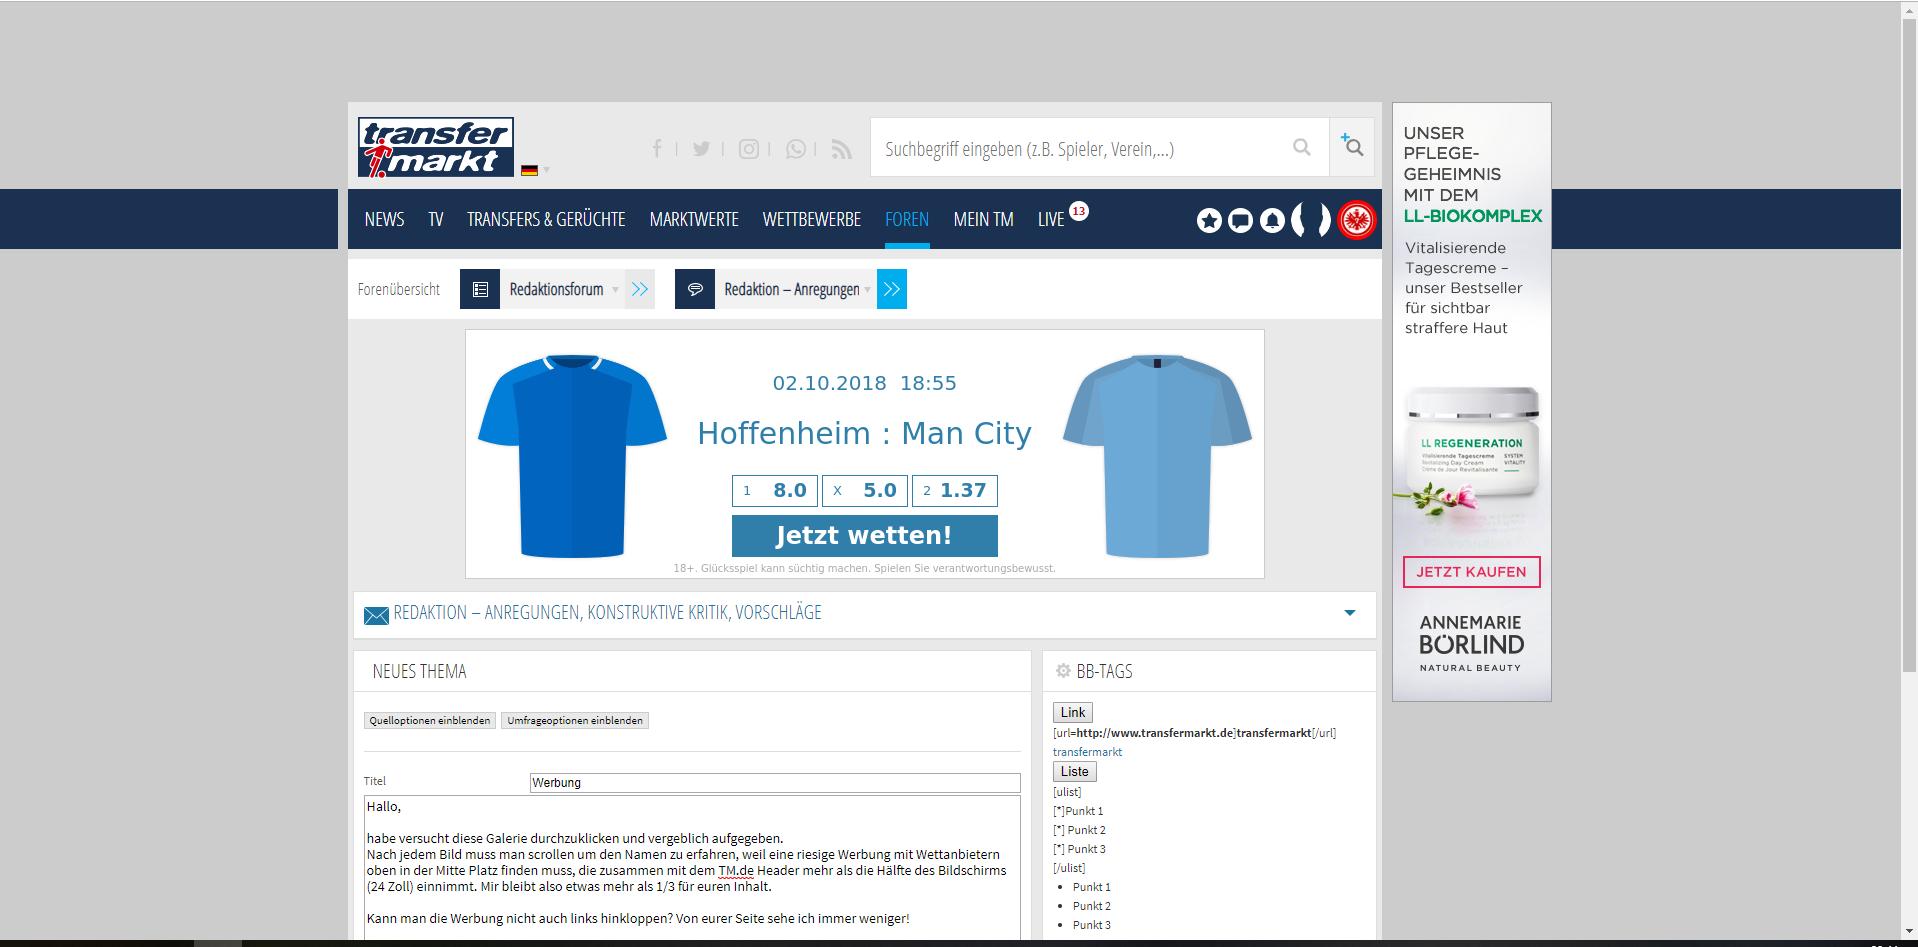 Werbung Seitenaufbau Redaktion Anregungen Konstruktive Kritik